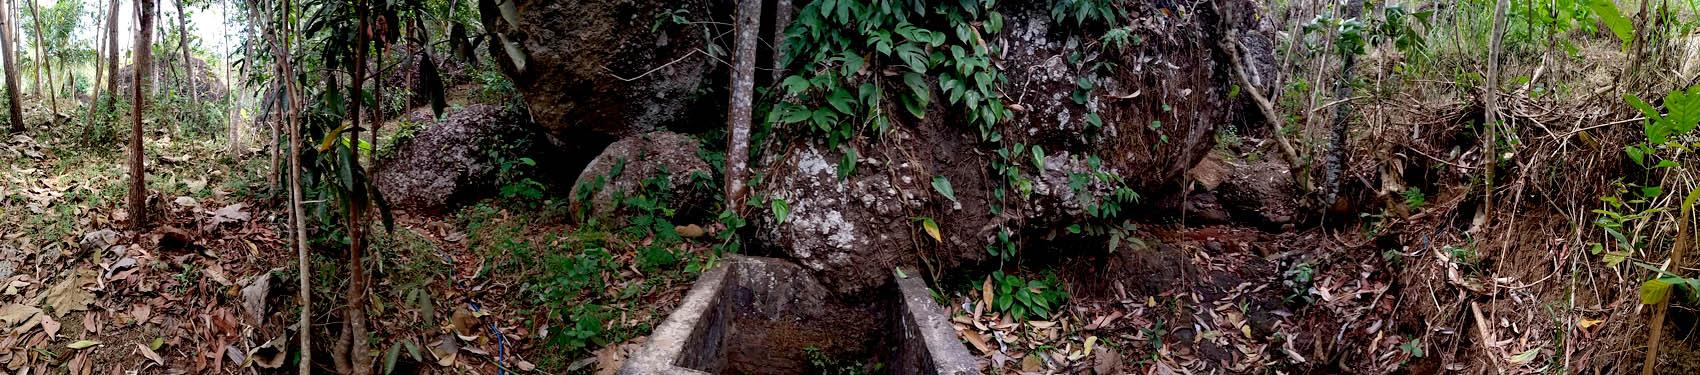 Sumber air di DAS Song Putri.[Foto:NR]